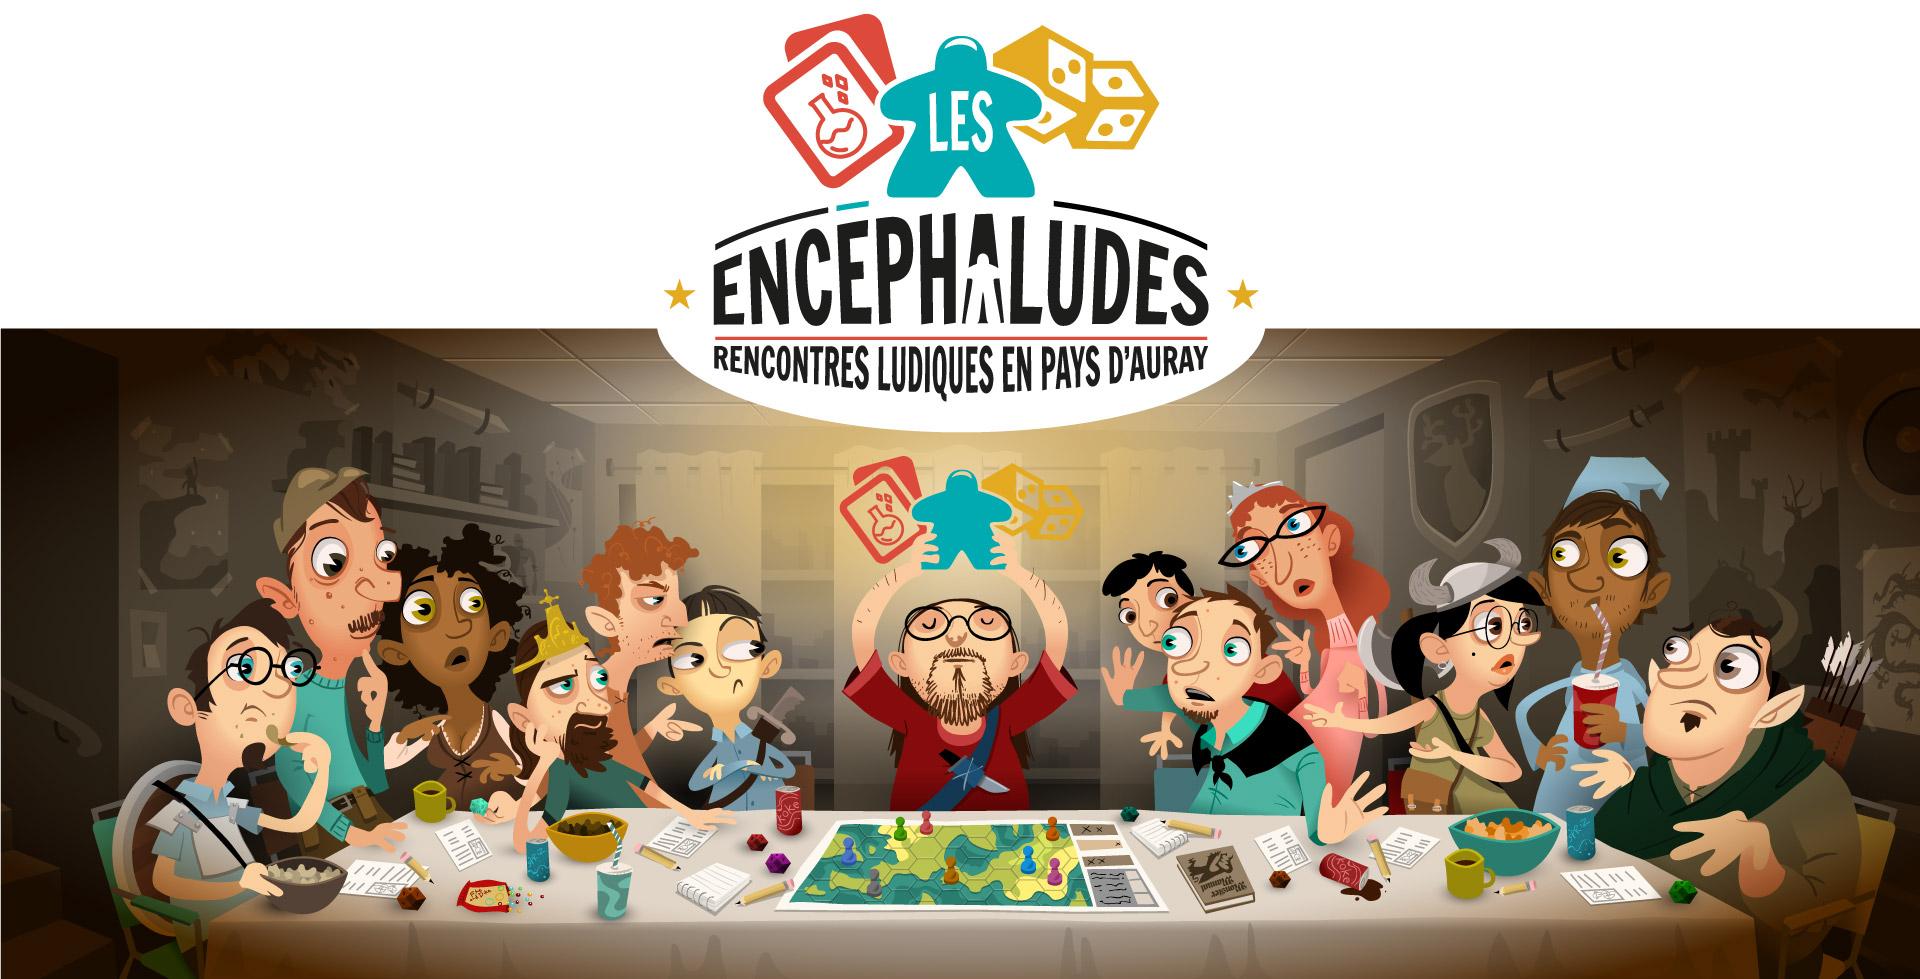 Les Encéphaludes